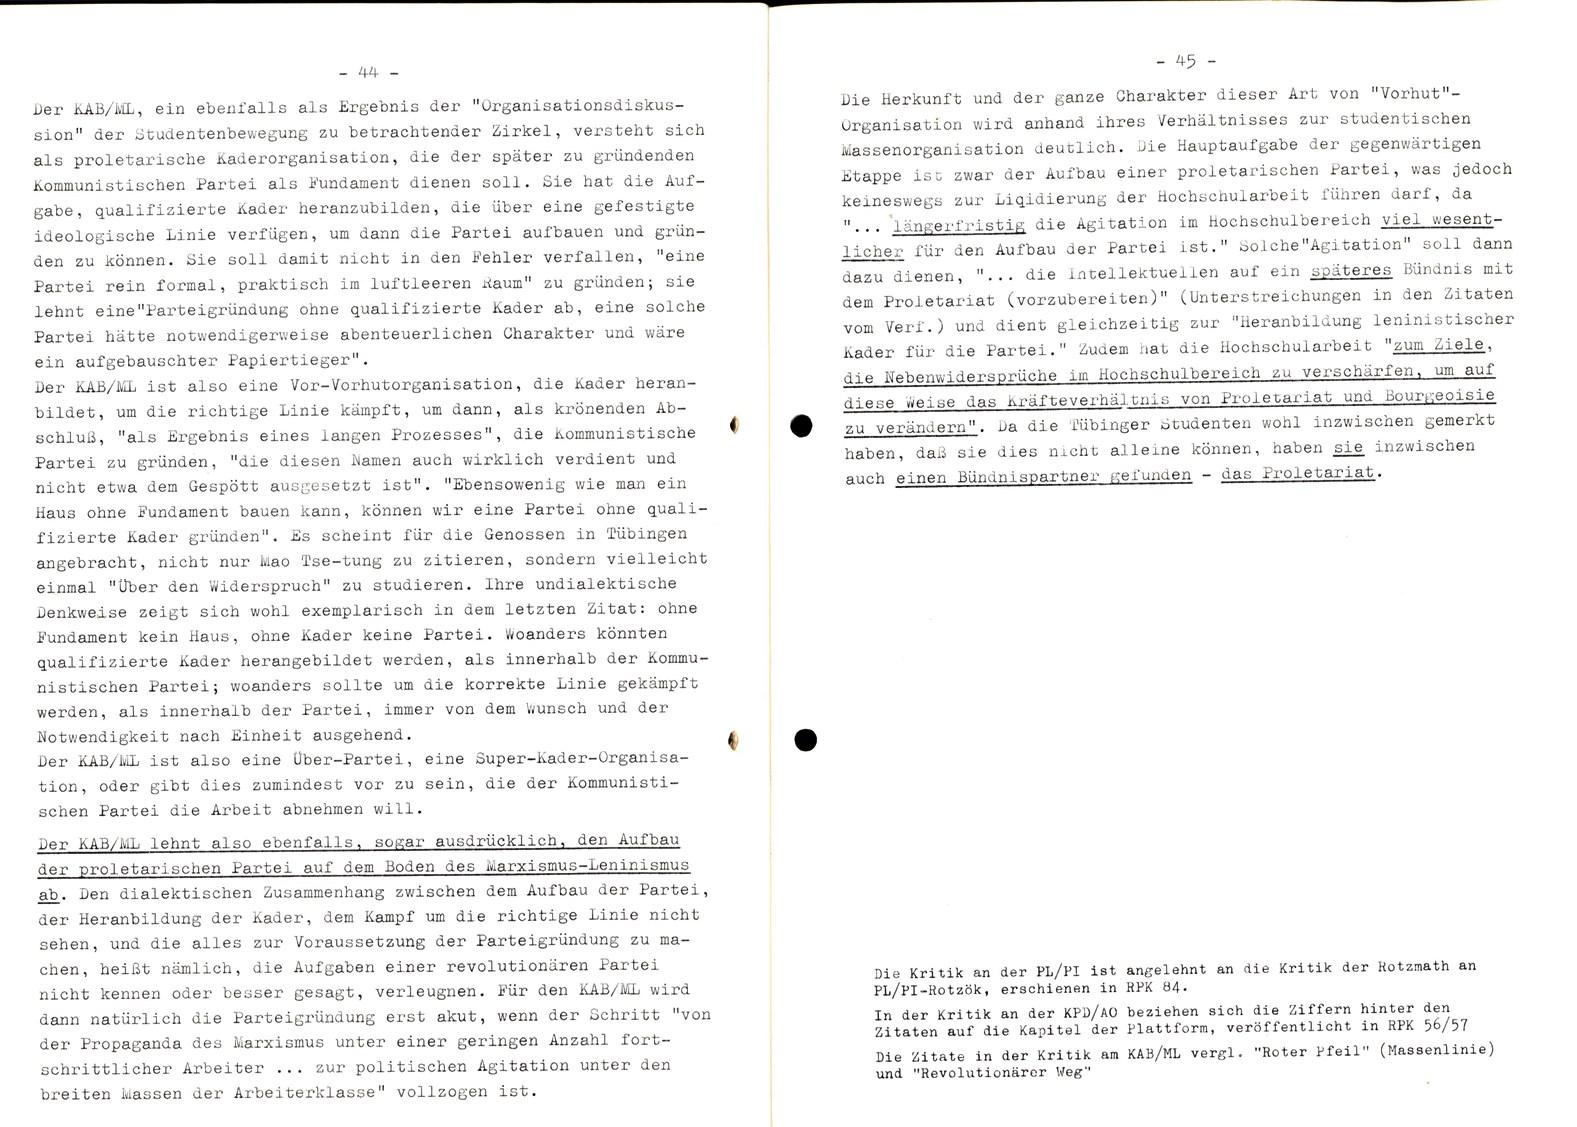 Aachen_KSBML_1971_Selbstkritik_24